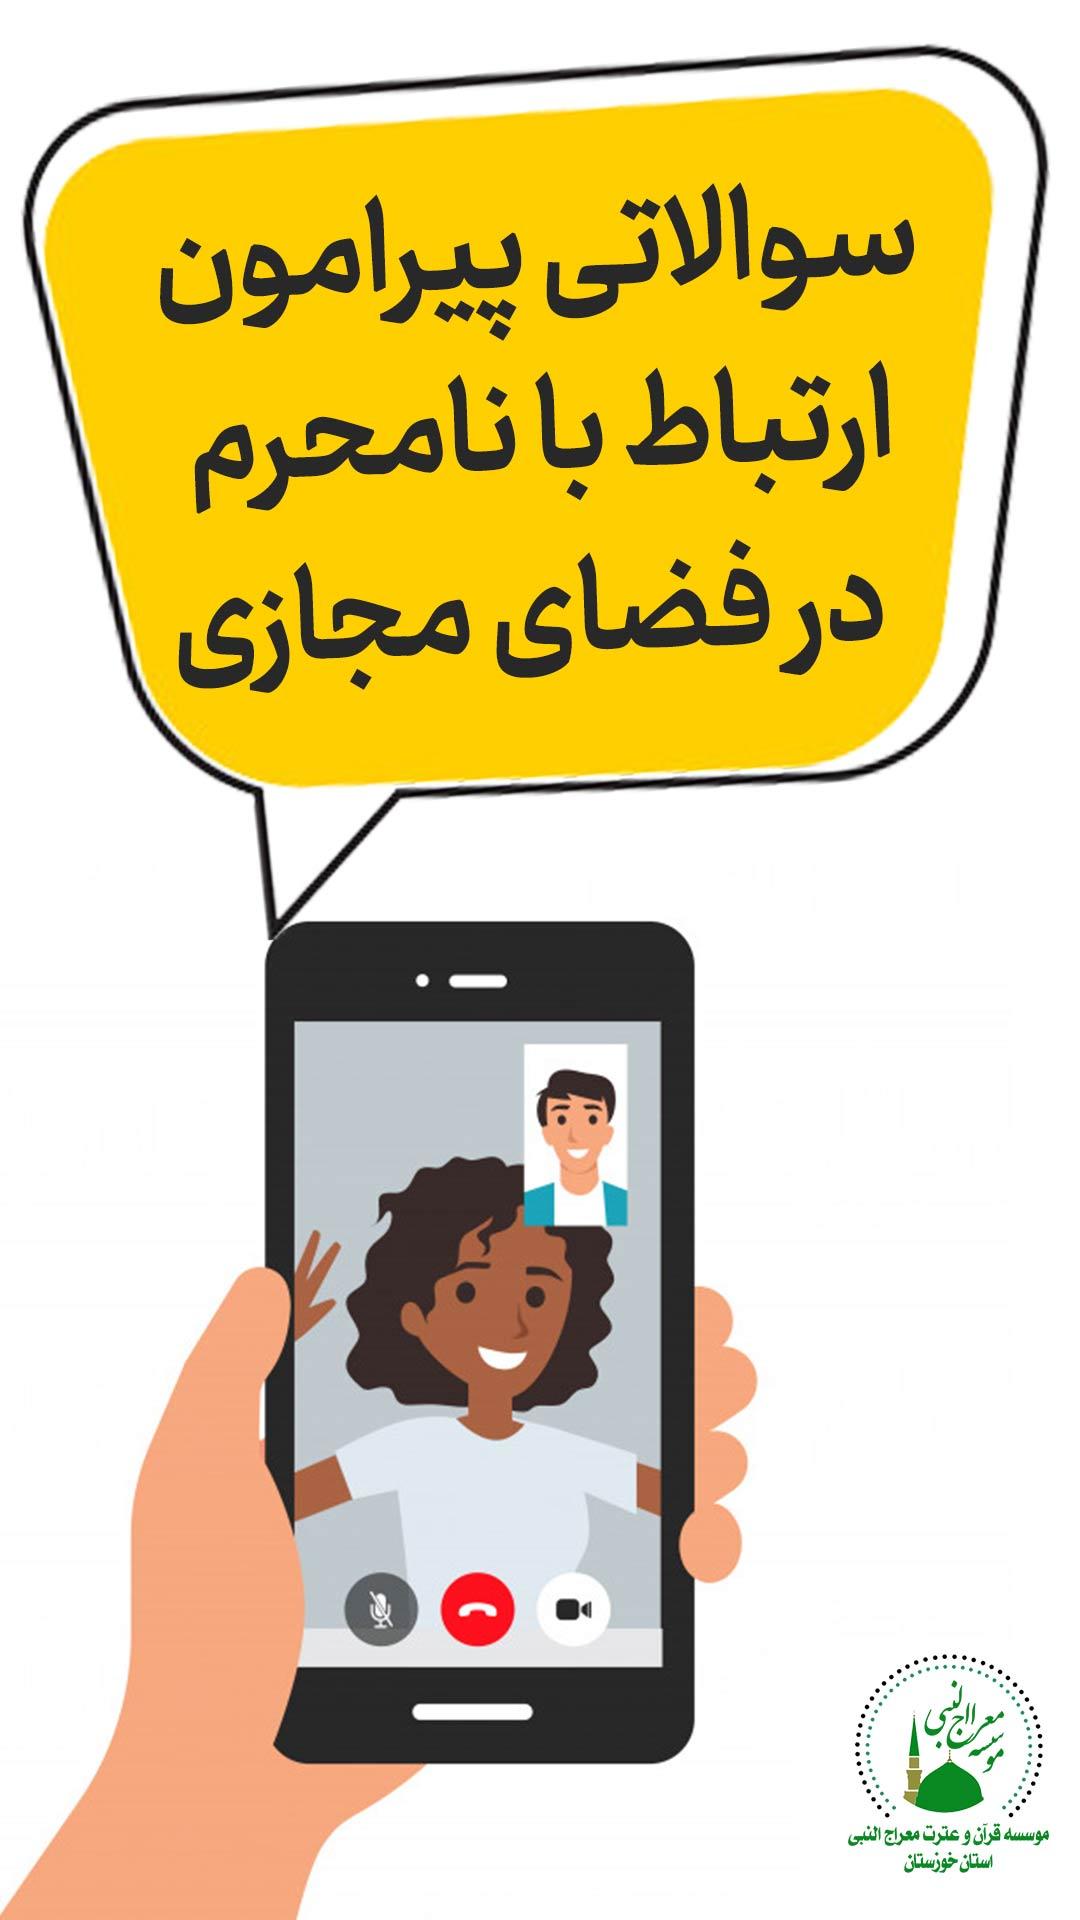 پاسخ به پرسشهایی درباره حدود ارتباط با نامحرم در فضای مجازی